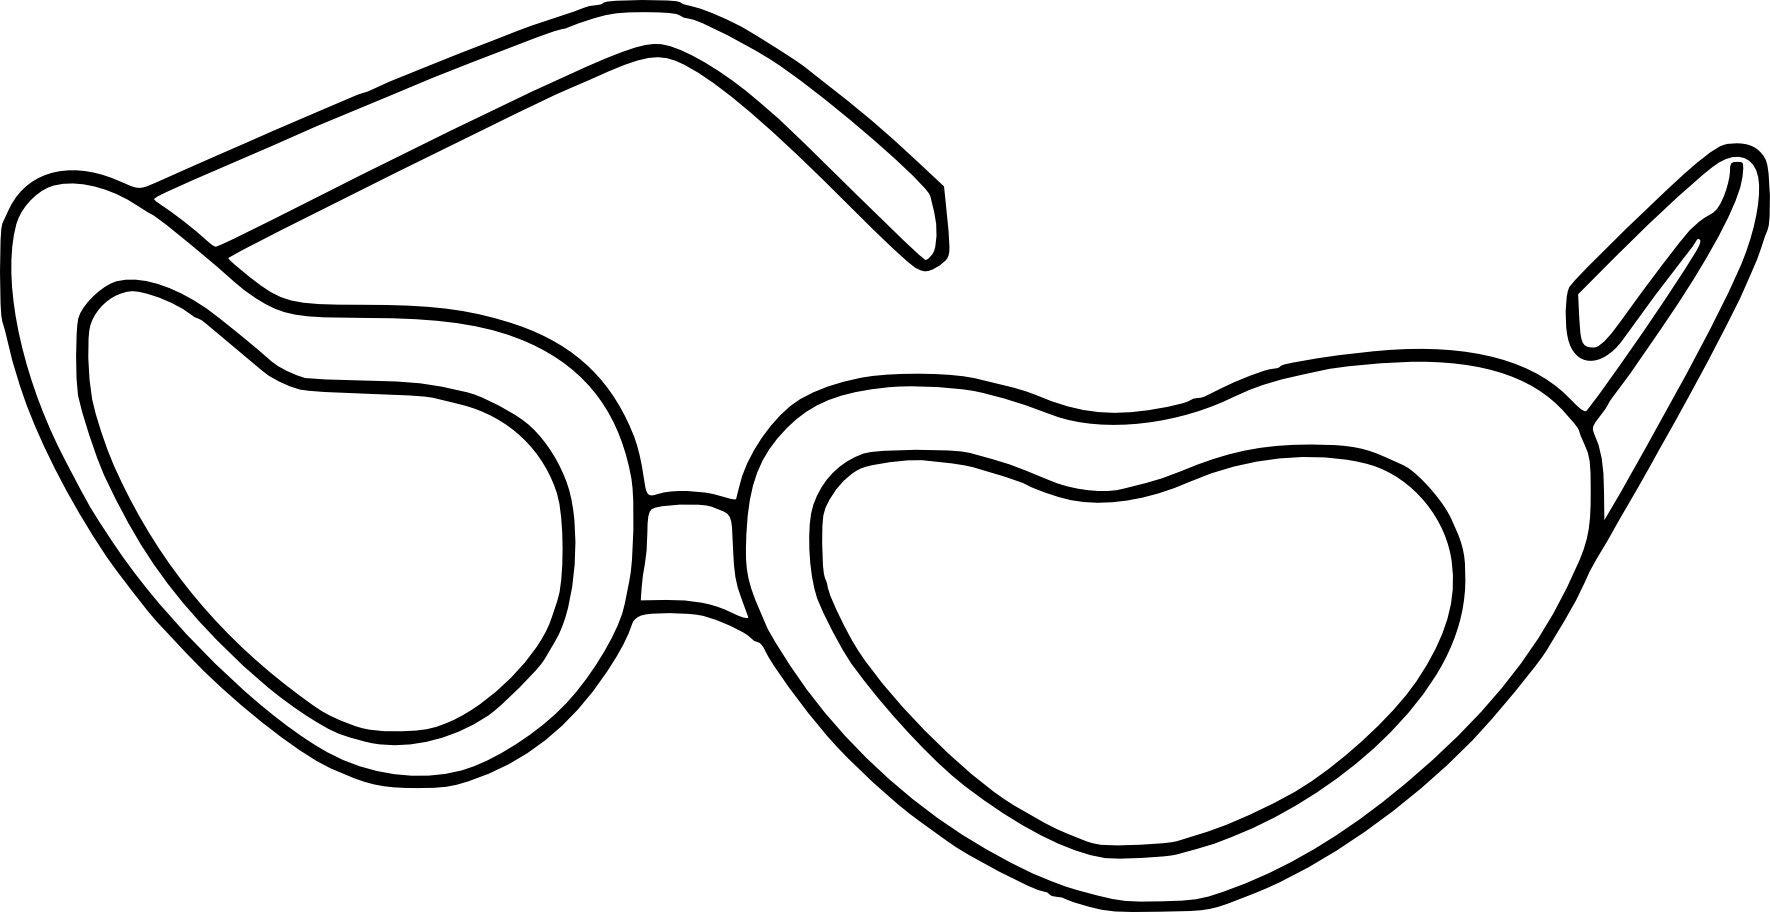 Dessin Lunettes De Soleil des lunettes de soleil dessiner - recherche google | paton bermude